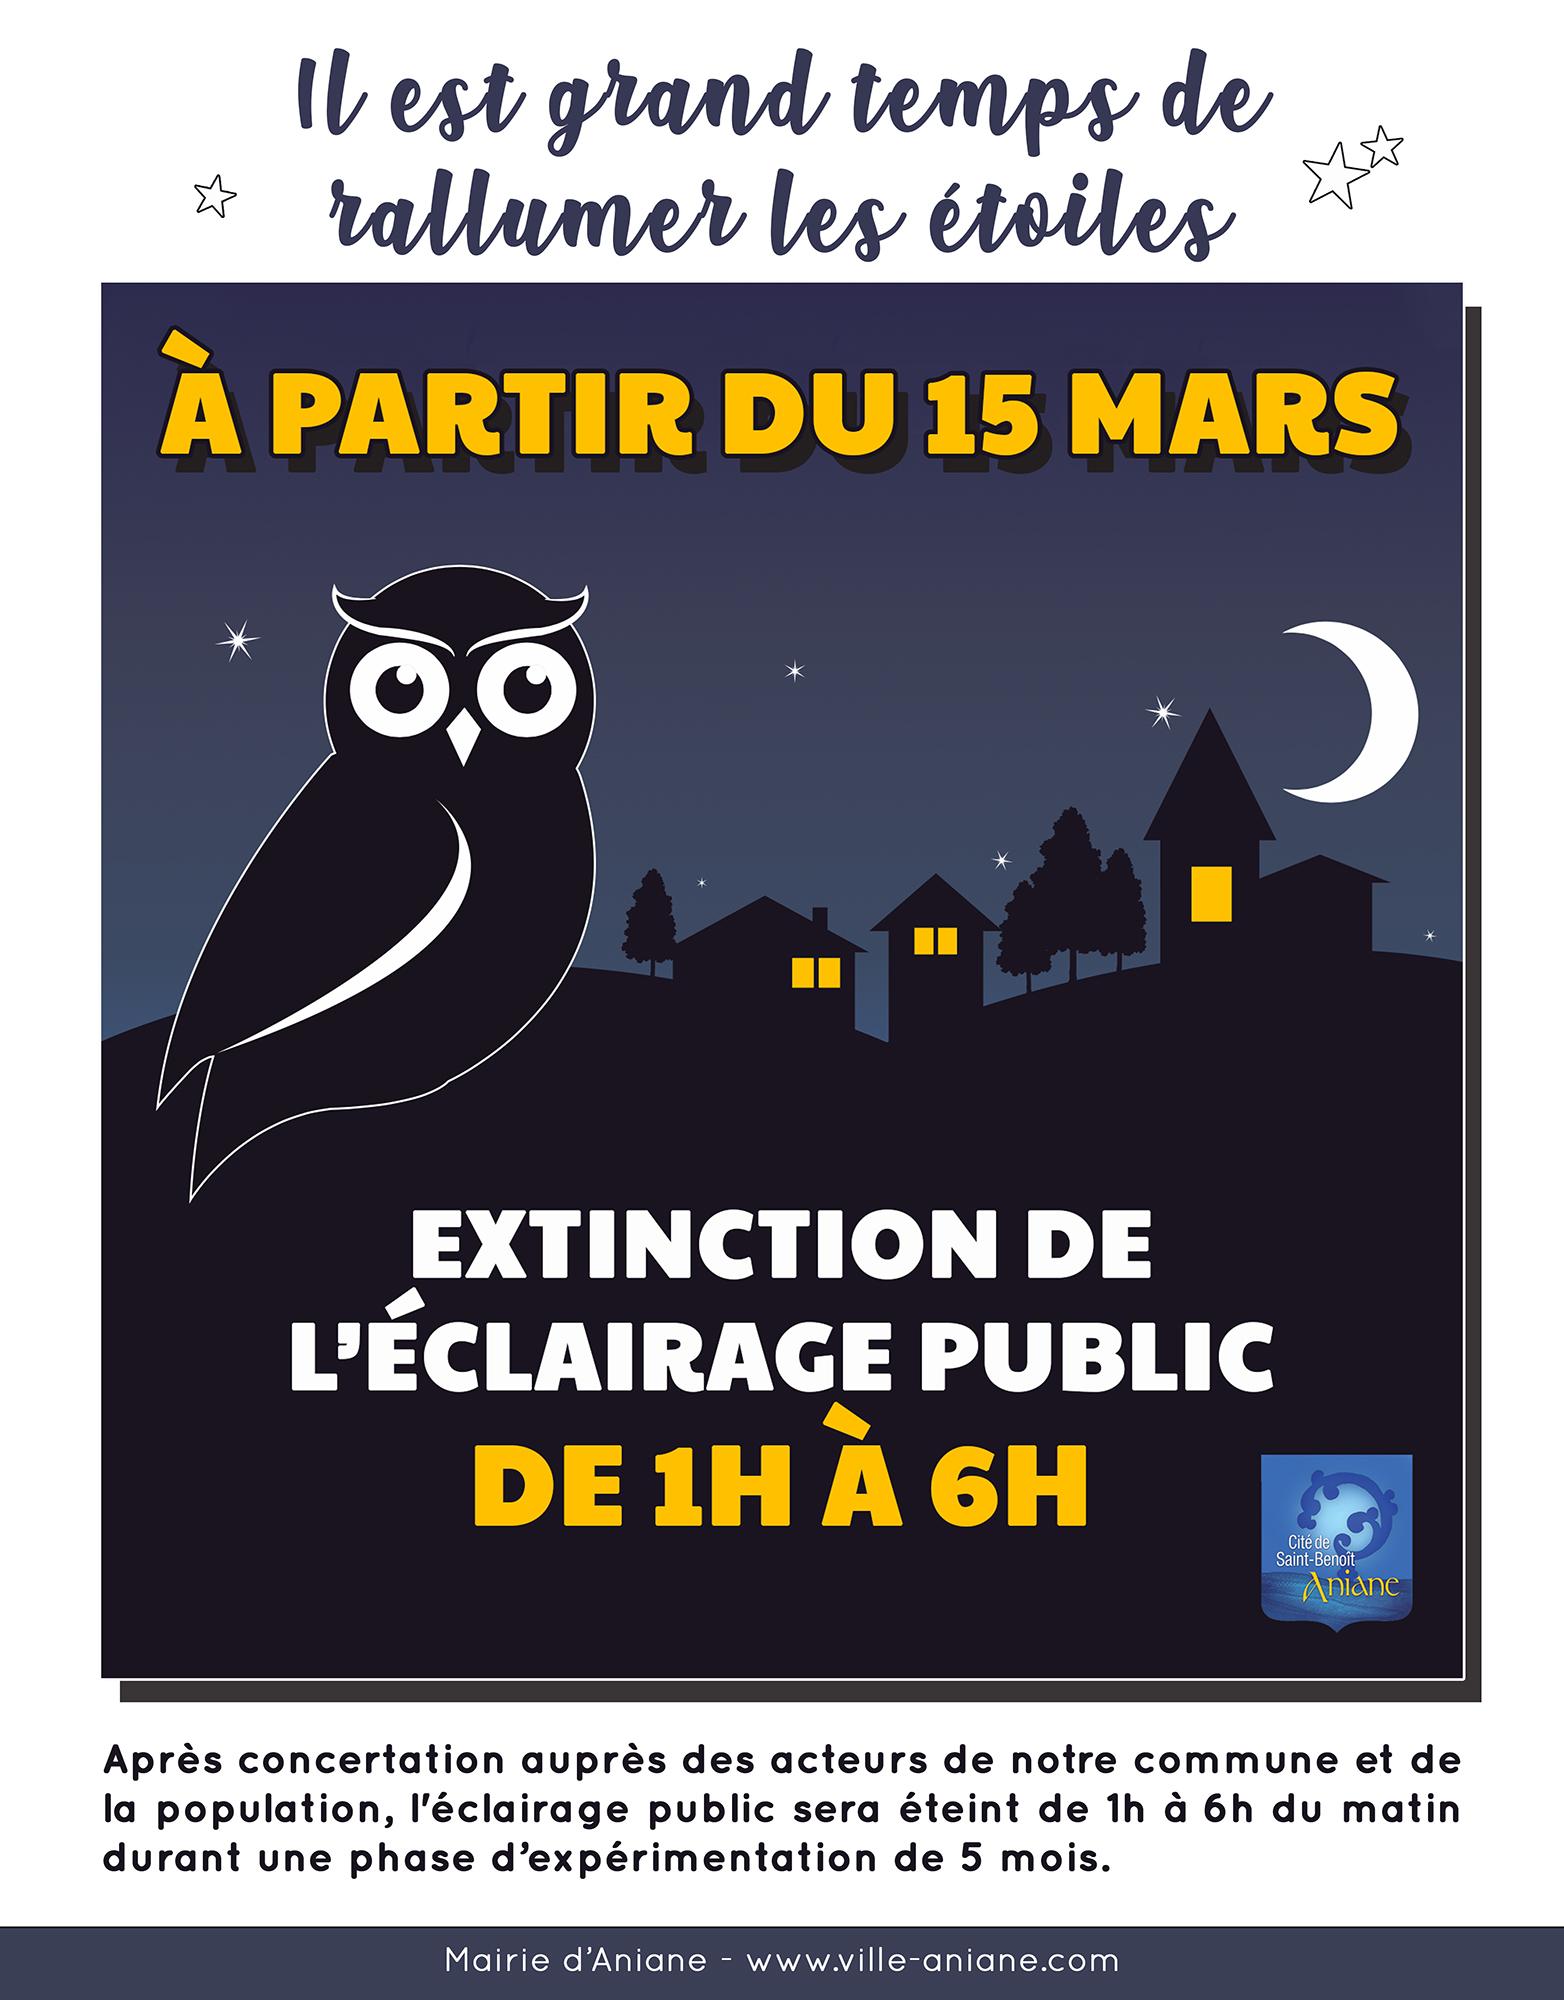 00Panneaux-extinction-eclairage-public-affiche9www